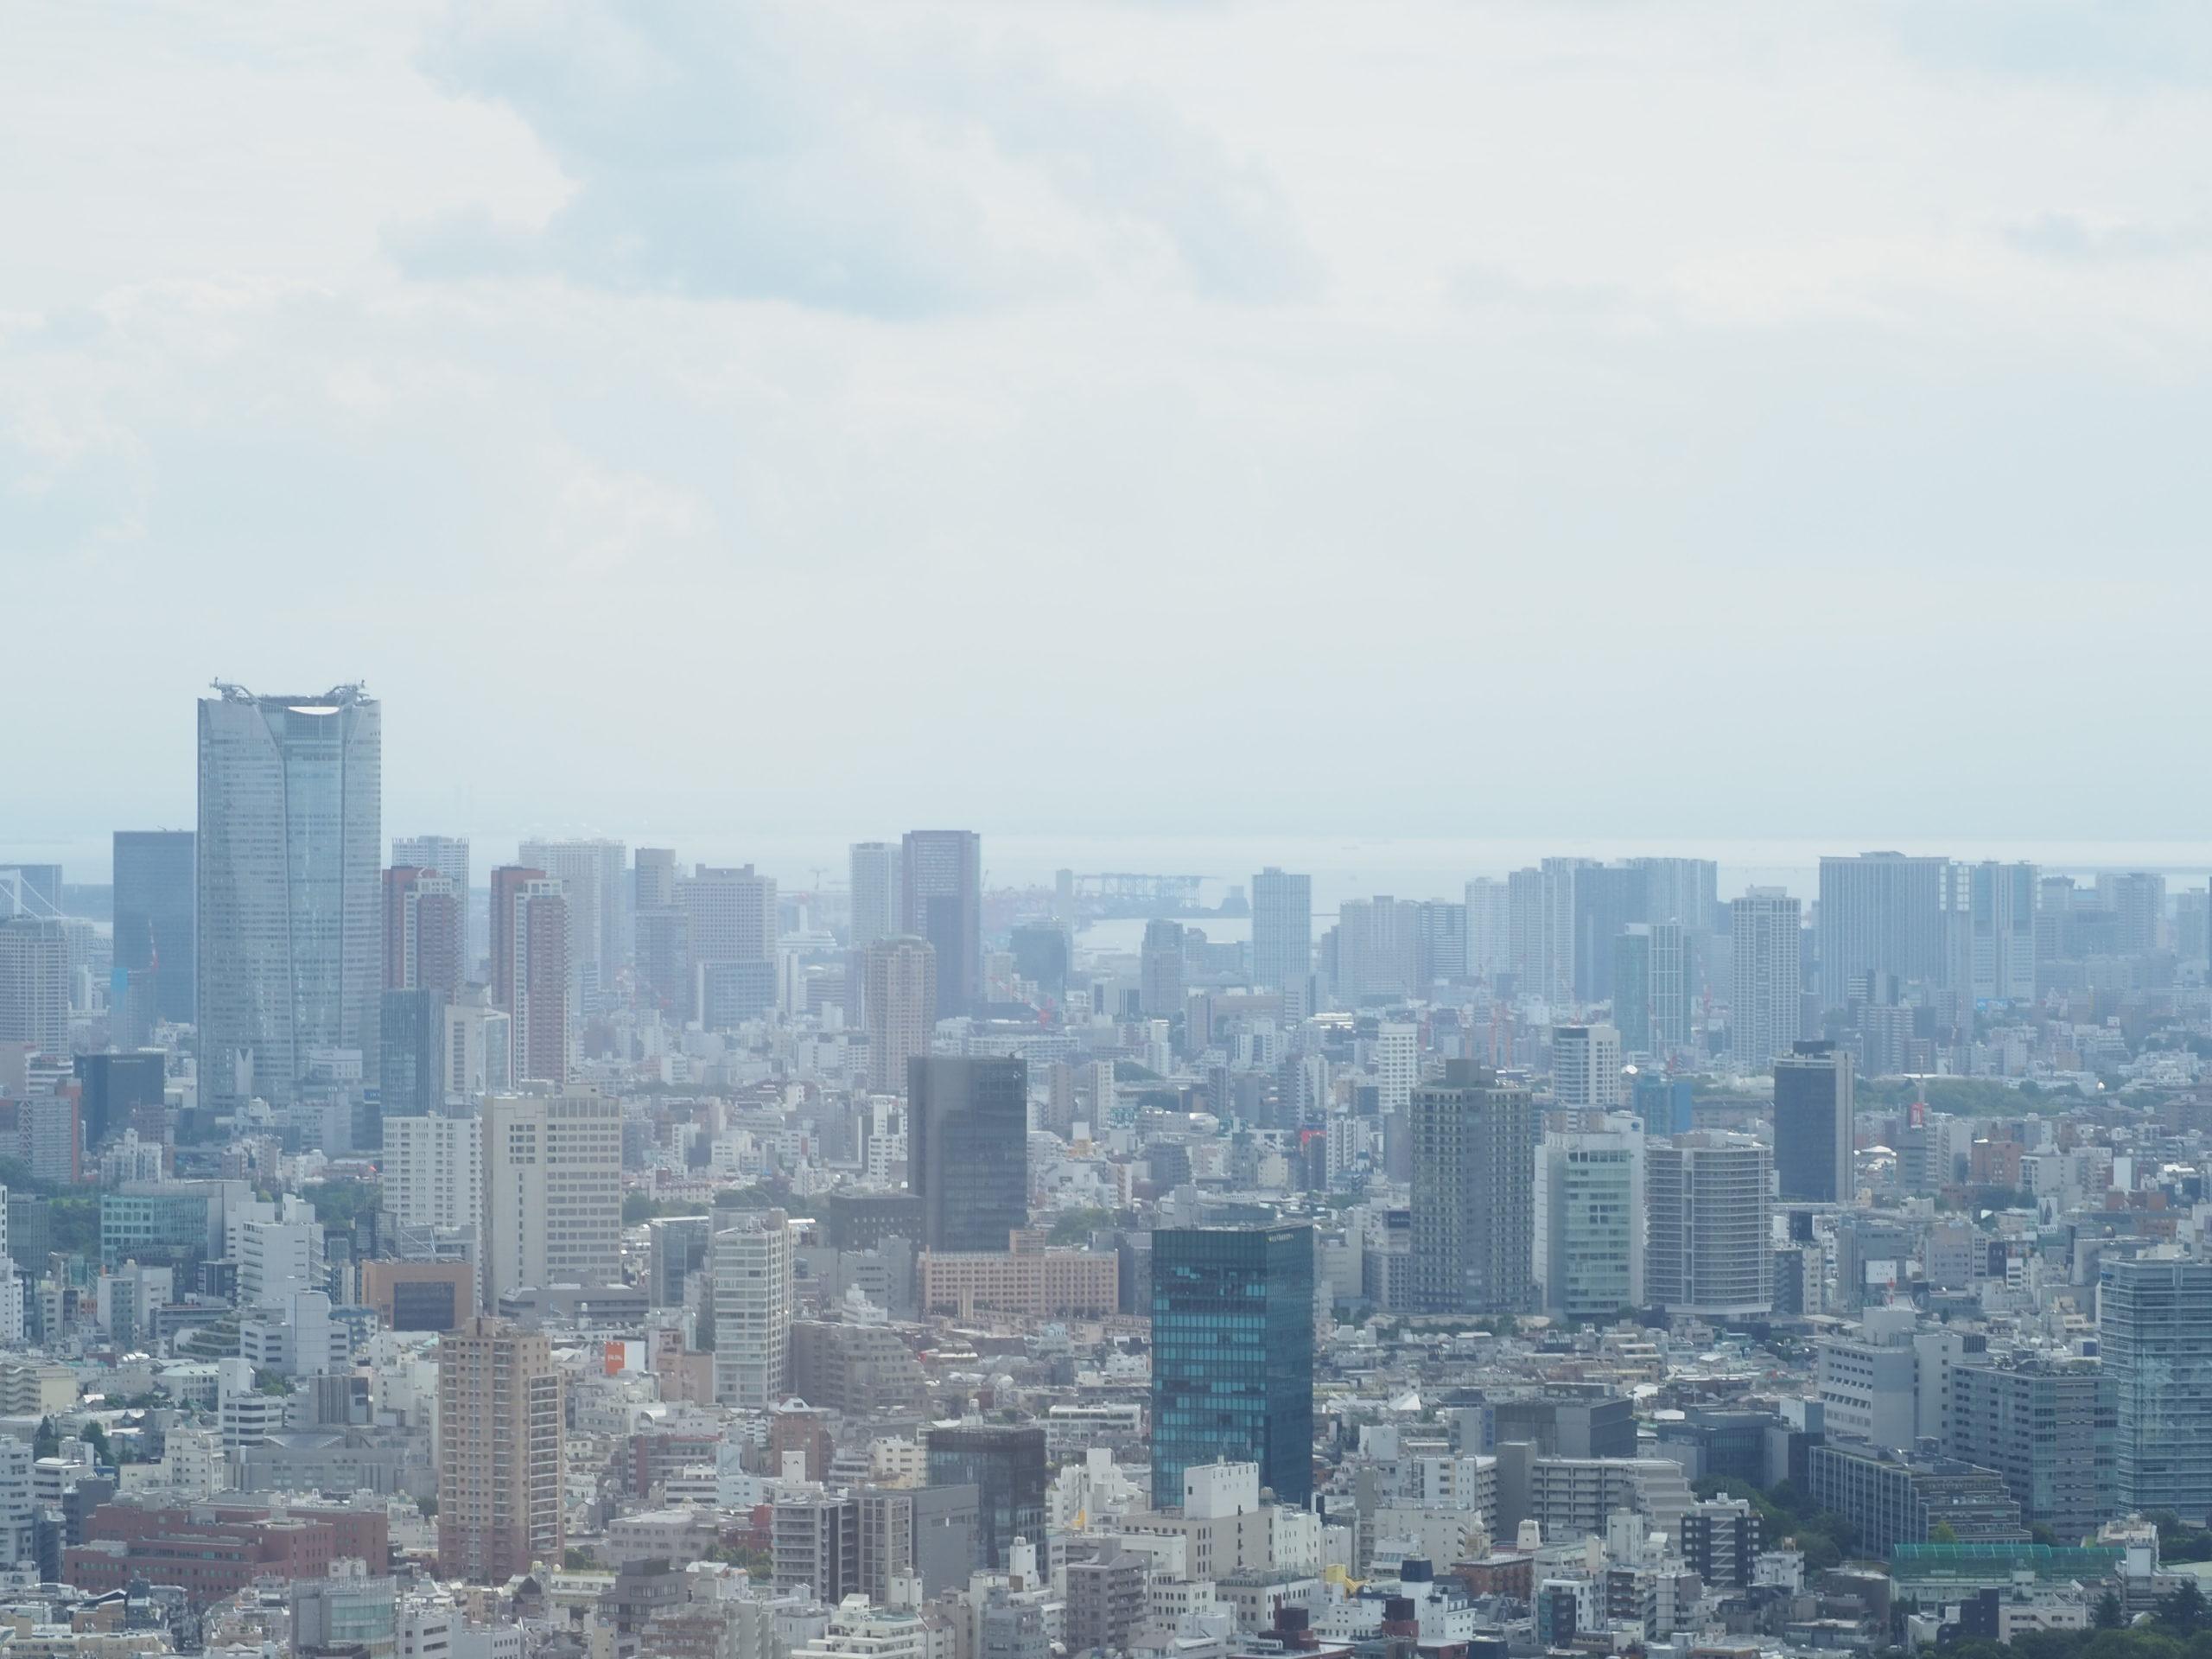 特集・東京都心のオフィスに需給緩和の兆し<br>「潜在空室率」上昇、大型ビルに波及へ<br> ―都心で小型ビルの空室率が2年ぶり上昇